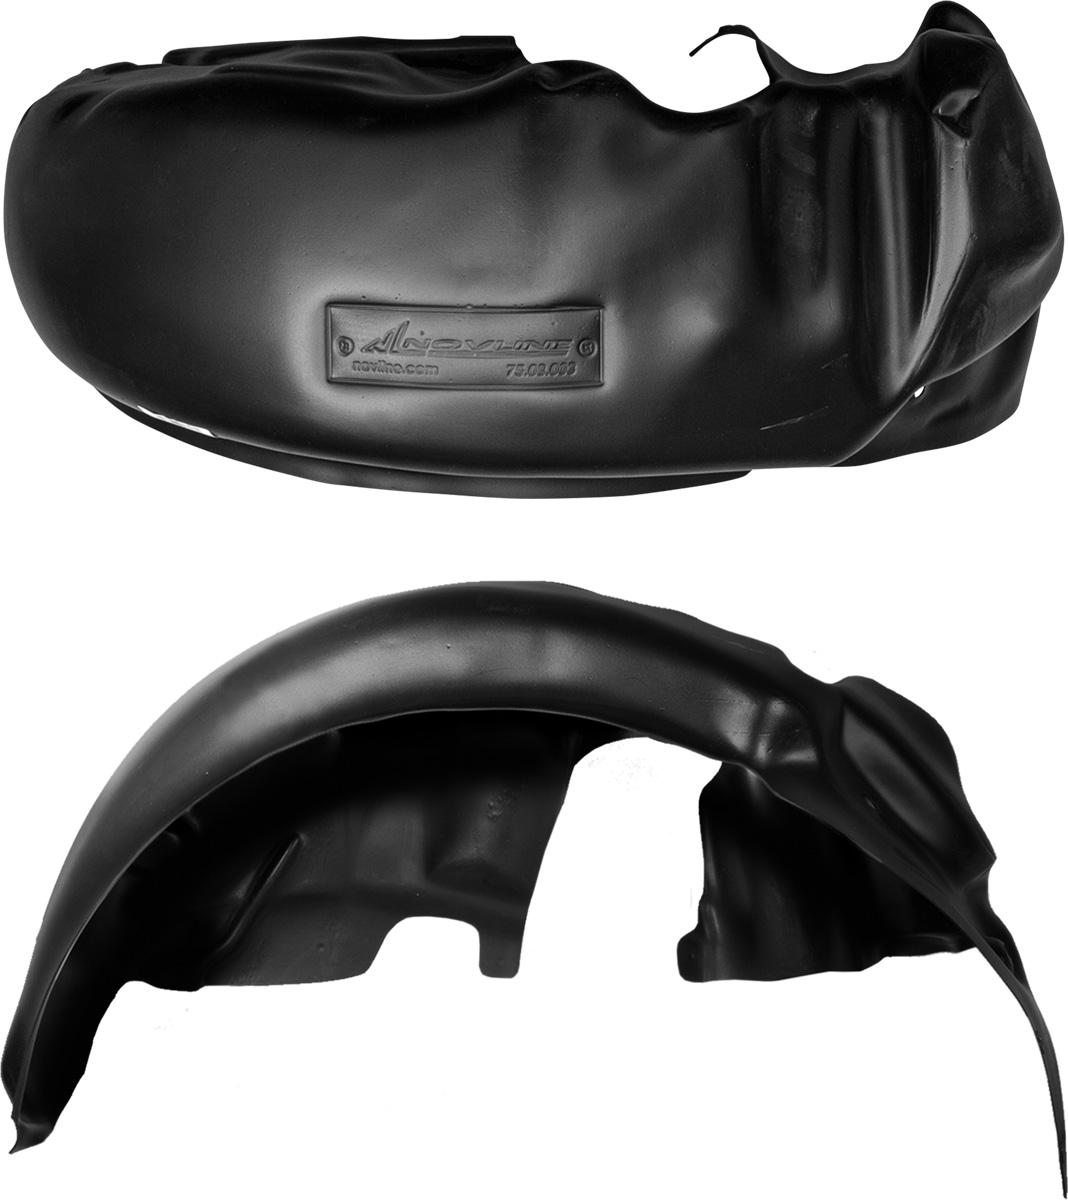 Подкрылок RENAULT Duster 4x2, 2011-2015, задний правыйNLL.41.30.004Колесные ниши – одни из самых уязвимых зон днища вашего автомобиля. Они постоянно подвергаются воздействию со стороны дороги. Лучшая, почти абсолютная защита для них - специально отформованные пластиковые кожухи, которые называются подкрылками, или локерами. Производятся они как для отечественных моделей автомобилей, так и для иномарок. Подкрылки выполнены из высококачественного, экологически чистого пластика. Обеспечивают надежную защиту кузова автомобиля от пескоструйного эффекта и негативного влияния, агрессивных антигололедных реагентов. Пластик обладает более низкой теплопроводностью, чем металл, поэтому в зимний период эксплуатации использование пластиковых подкрылков позволяет лучше защитить колесные ниши от налипания снега и образования наледи. Оригинальность конструкции подчеркивает элегантность автомобиля, бережно защищает нанесенное на днище кузова антикоррозийное покрытие и позволяет осуществить крепление подкрылков внутри колесной арки практически без дополнительного крепежа и сверления, не нарушая при этом лакокрасочного покрытия, что предотвращает возникновение новых очагов коррозии. Технология крепления подкрылков на иномарки принципиально отличается от крепления на российские автомобили и разрабатывается индивидуально для каждой модели автомобиля. Подкрылки долговечны, обладают высокой прочностью и сохраняют заданную форму, а также все свои физико-механические характеристики в самых тяжелых климатических условиях ( от -50° С до + 50° С).